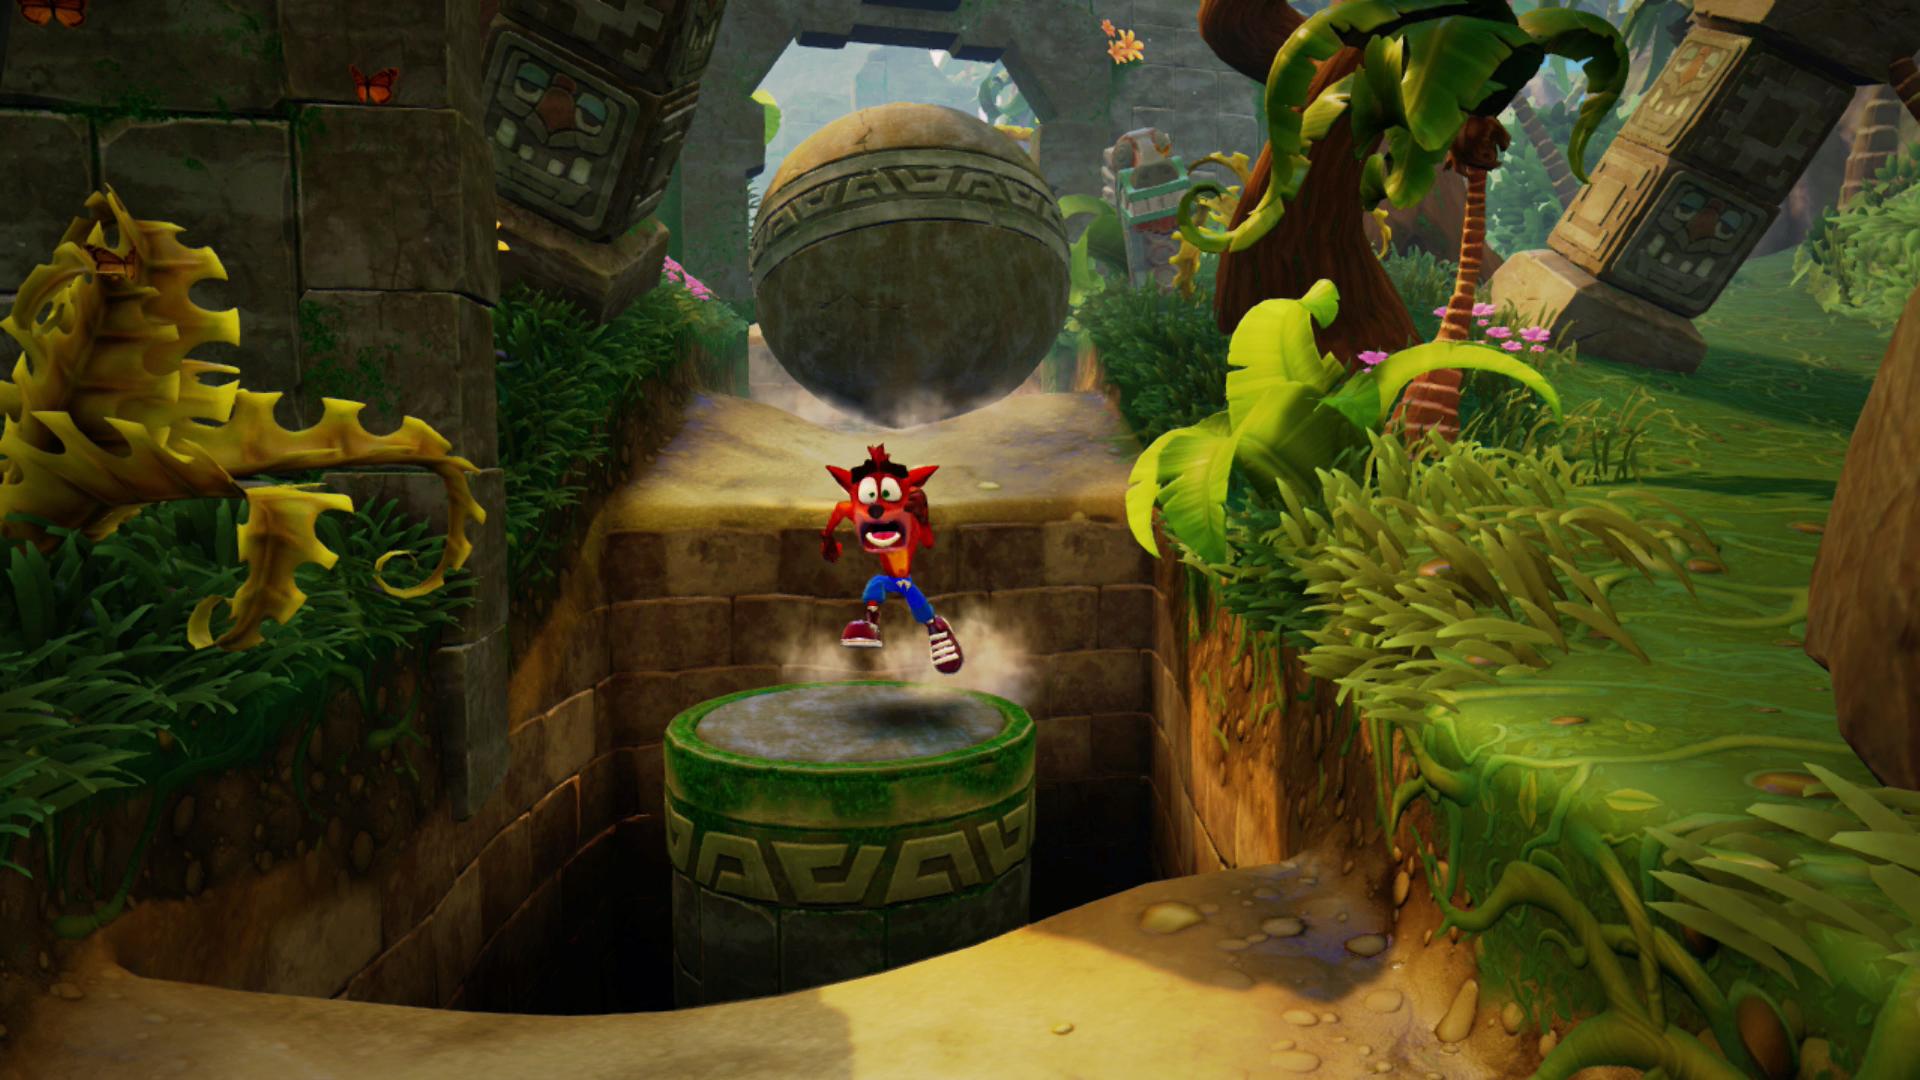 Crash Bandicoot per Nintendo Switch è un tuffo nel passato da giocare in mobilità